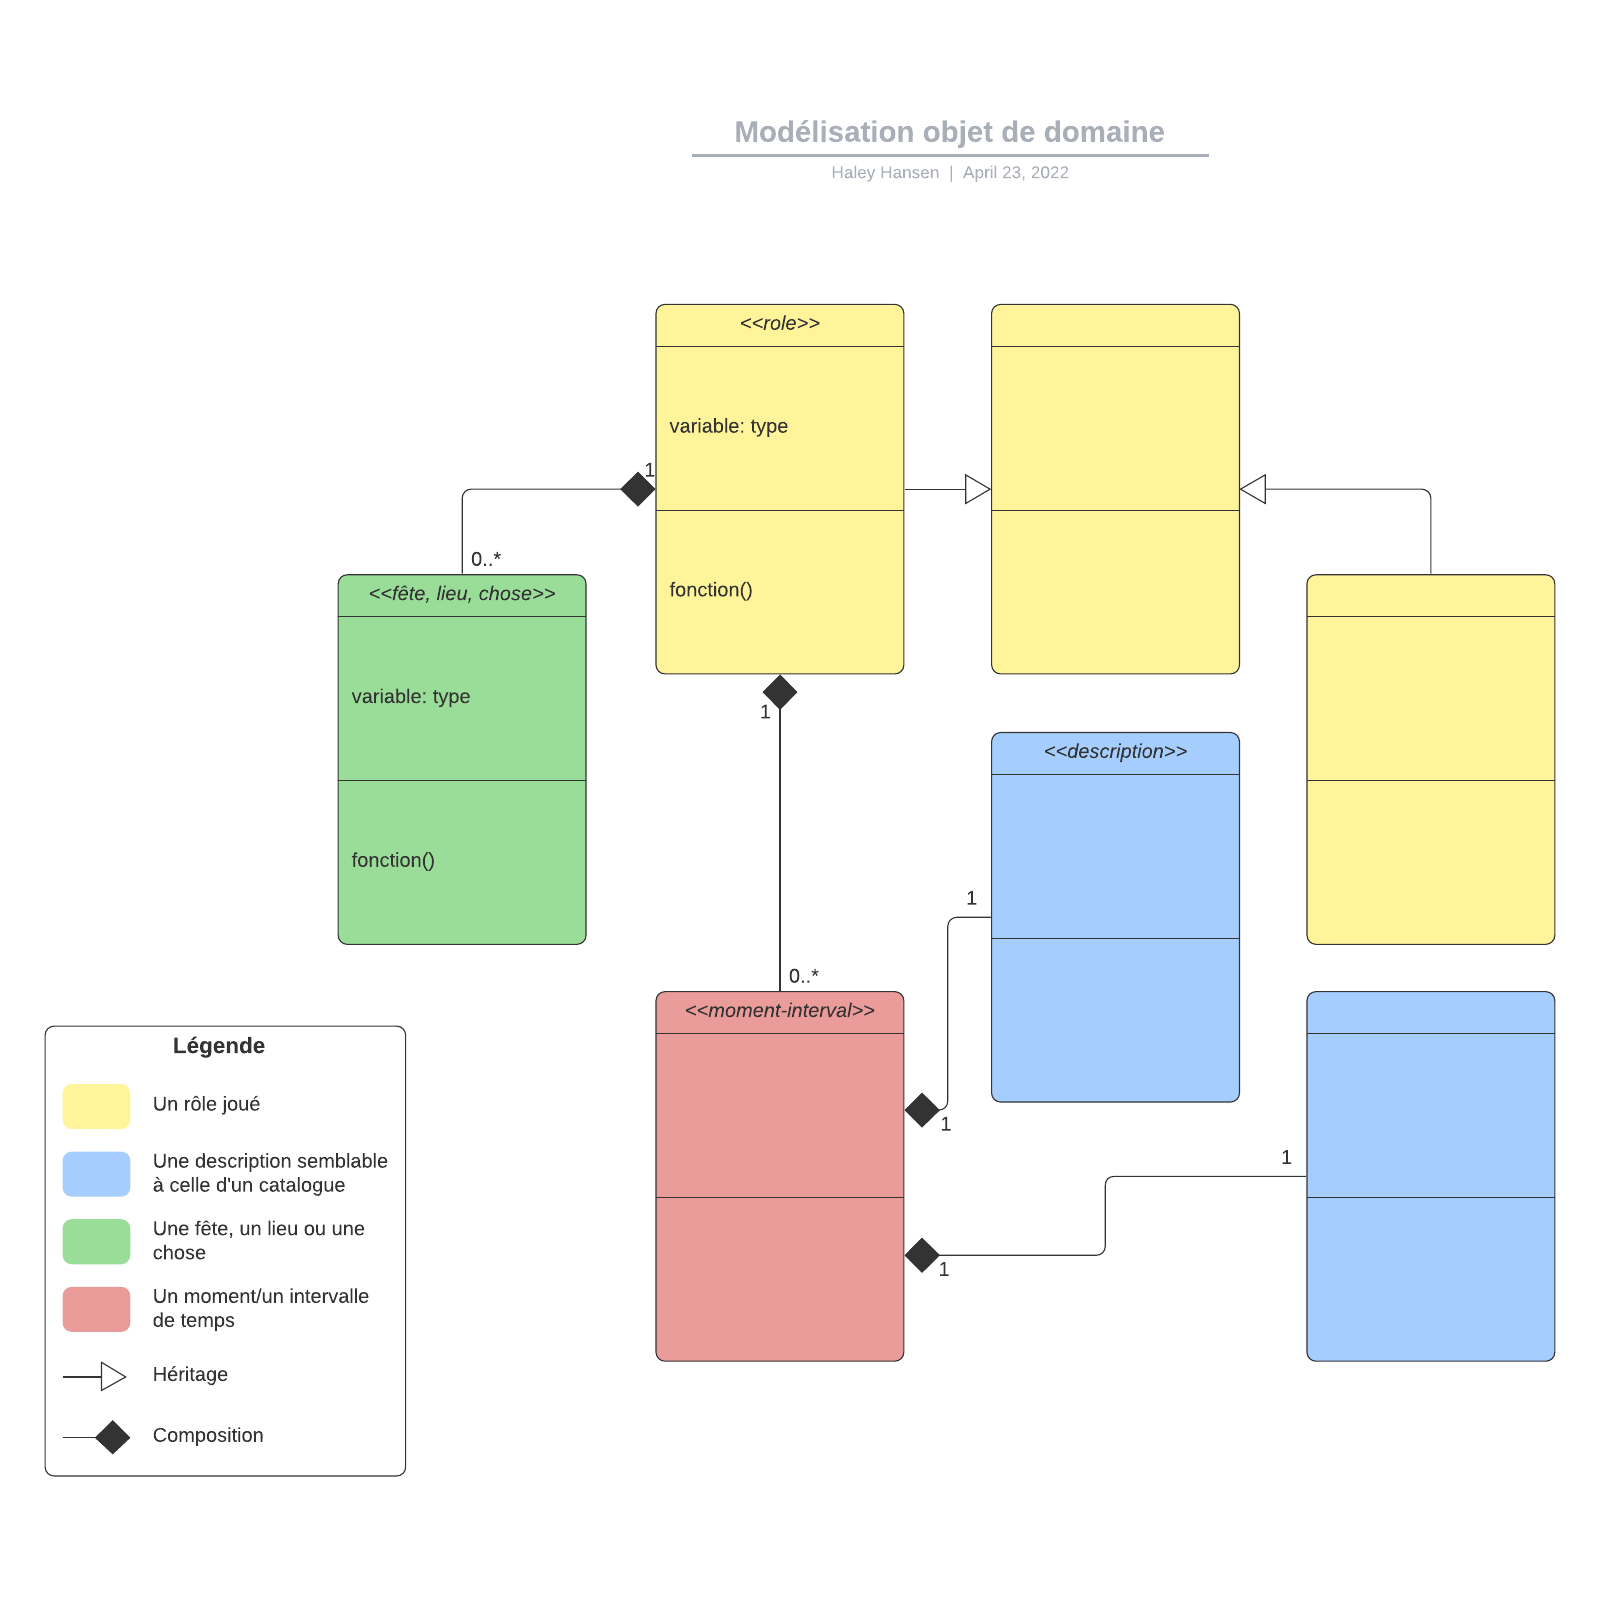 exemple de diagramme de classes de modèle de domaine vierge